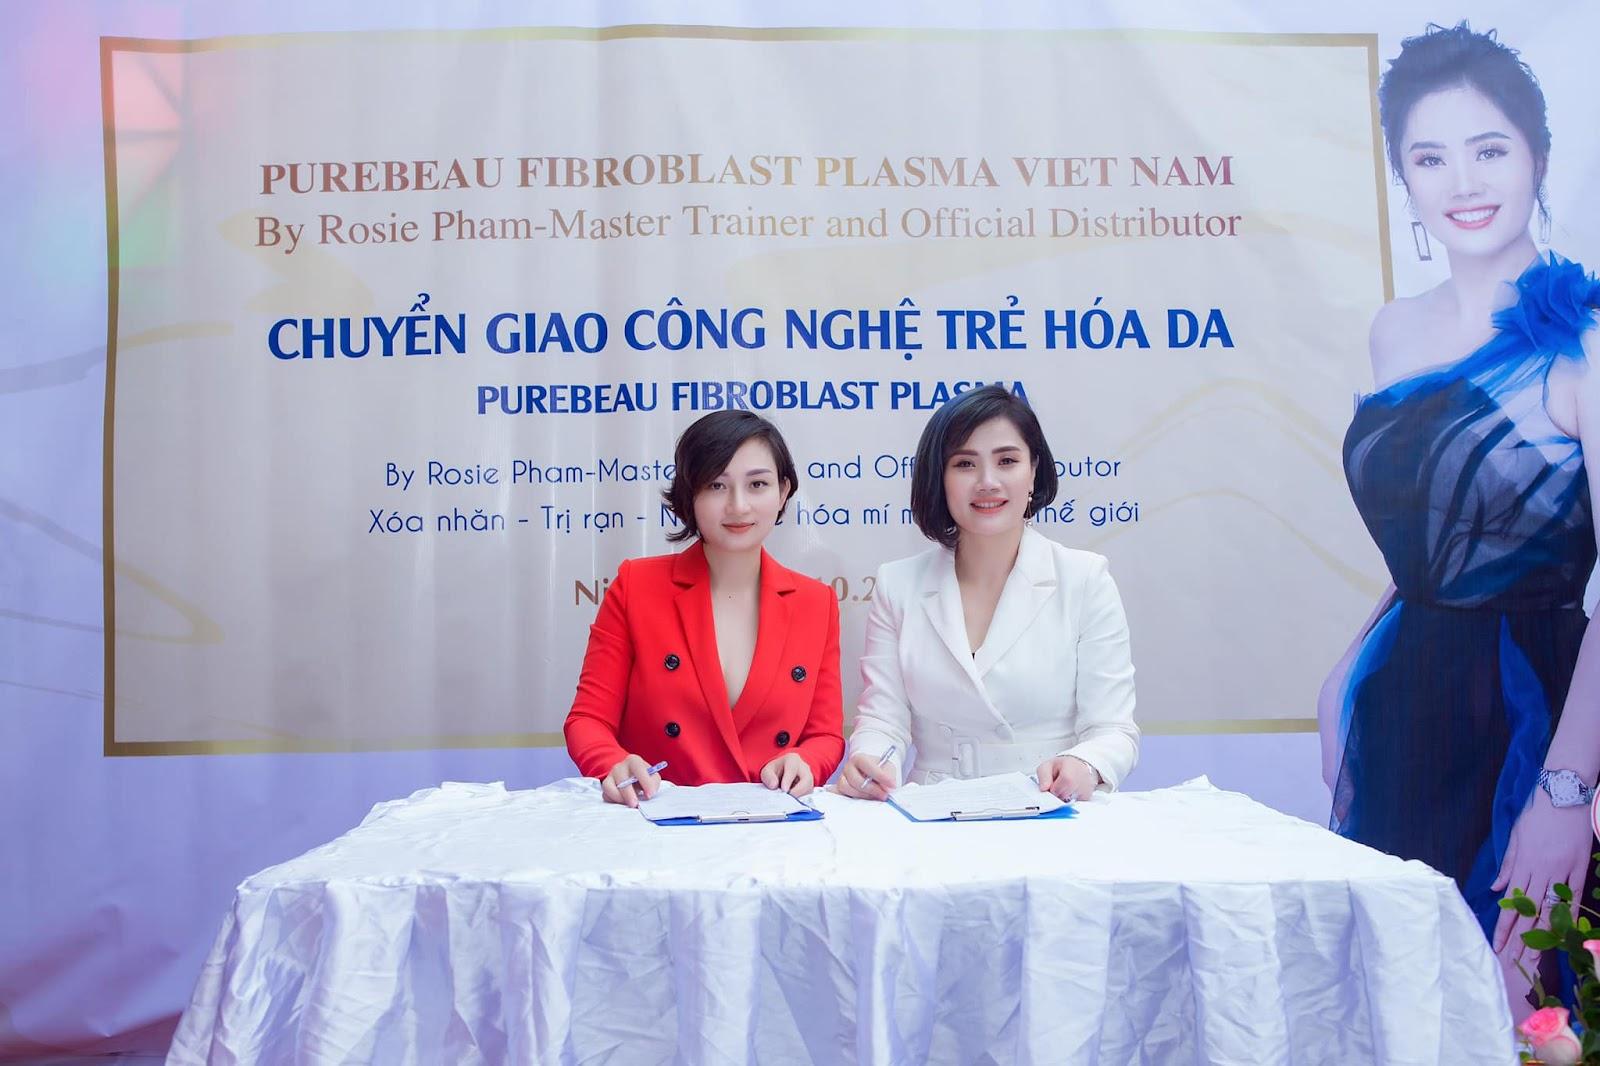 Bà chủ Huyền My Spa ký hợp đồng chuyển giao công nghệ trẻ hóa da.